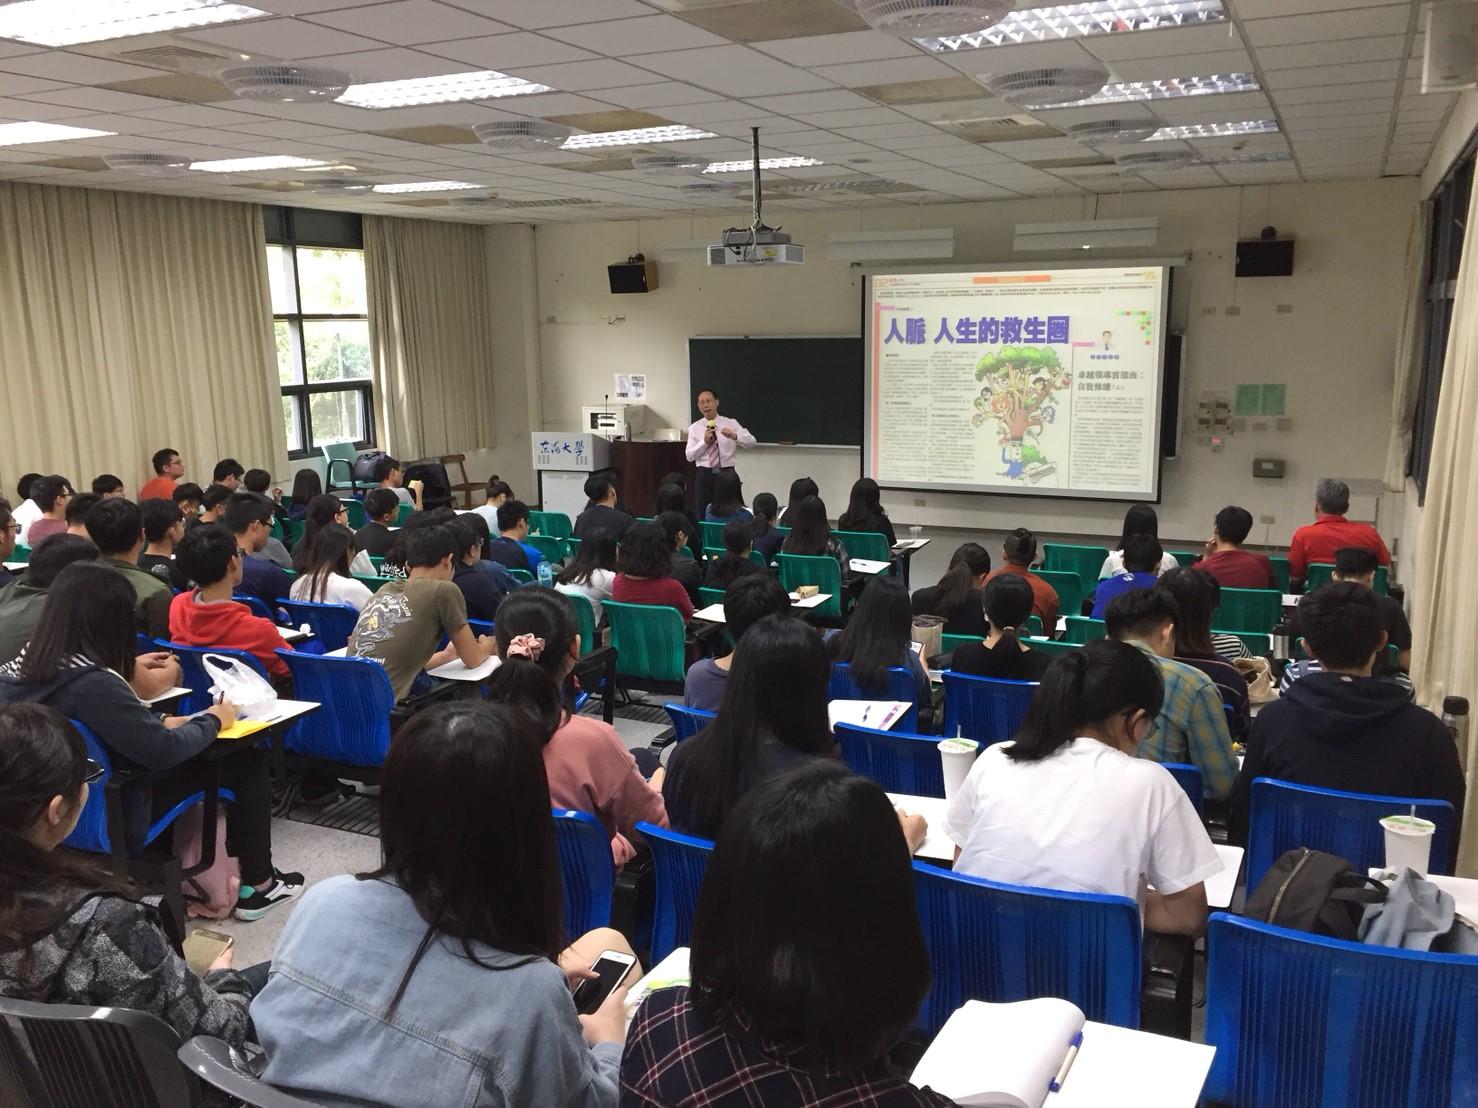 108年3月28日邀請學橋文化事業公司講師葉鴻裕演說職場第一關卡面試密技訓練-職場專業形象的營造